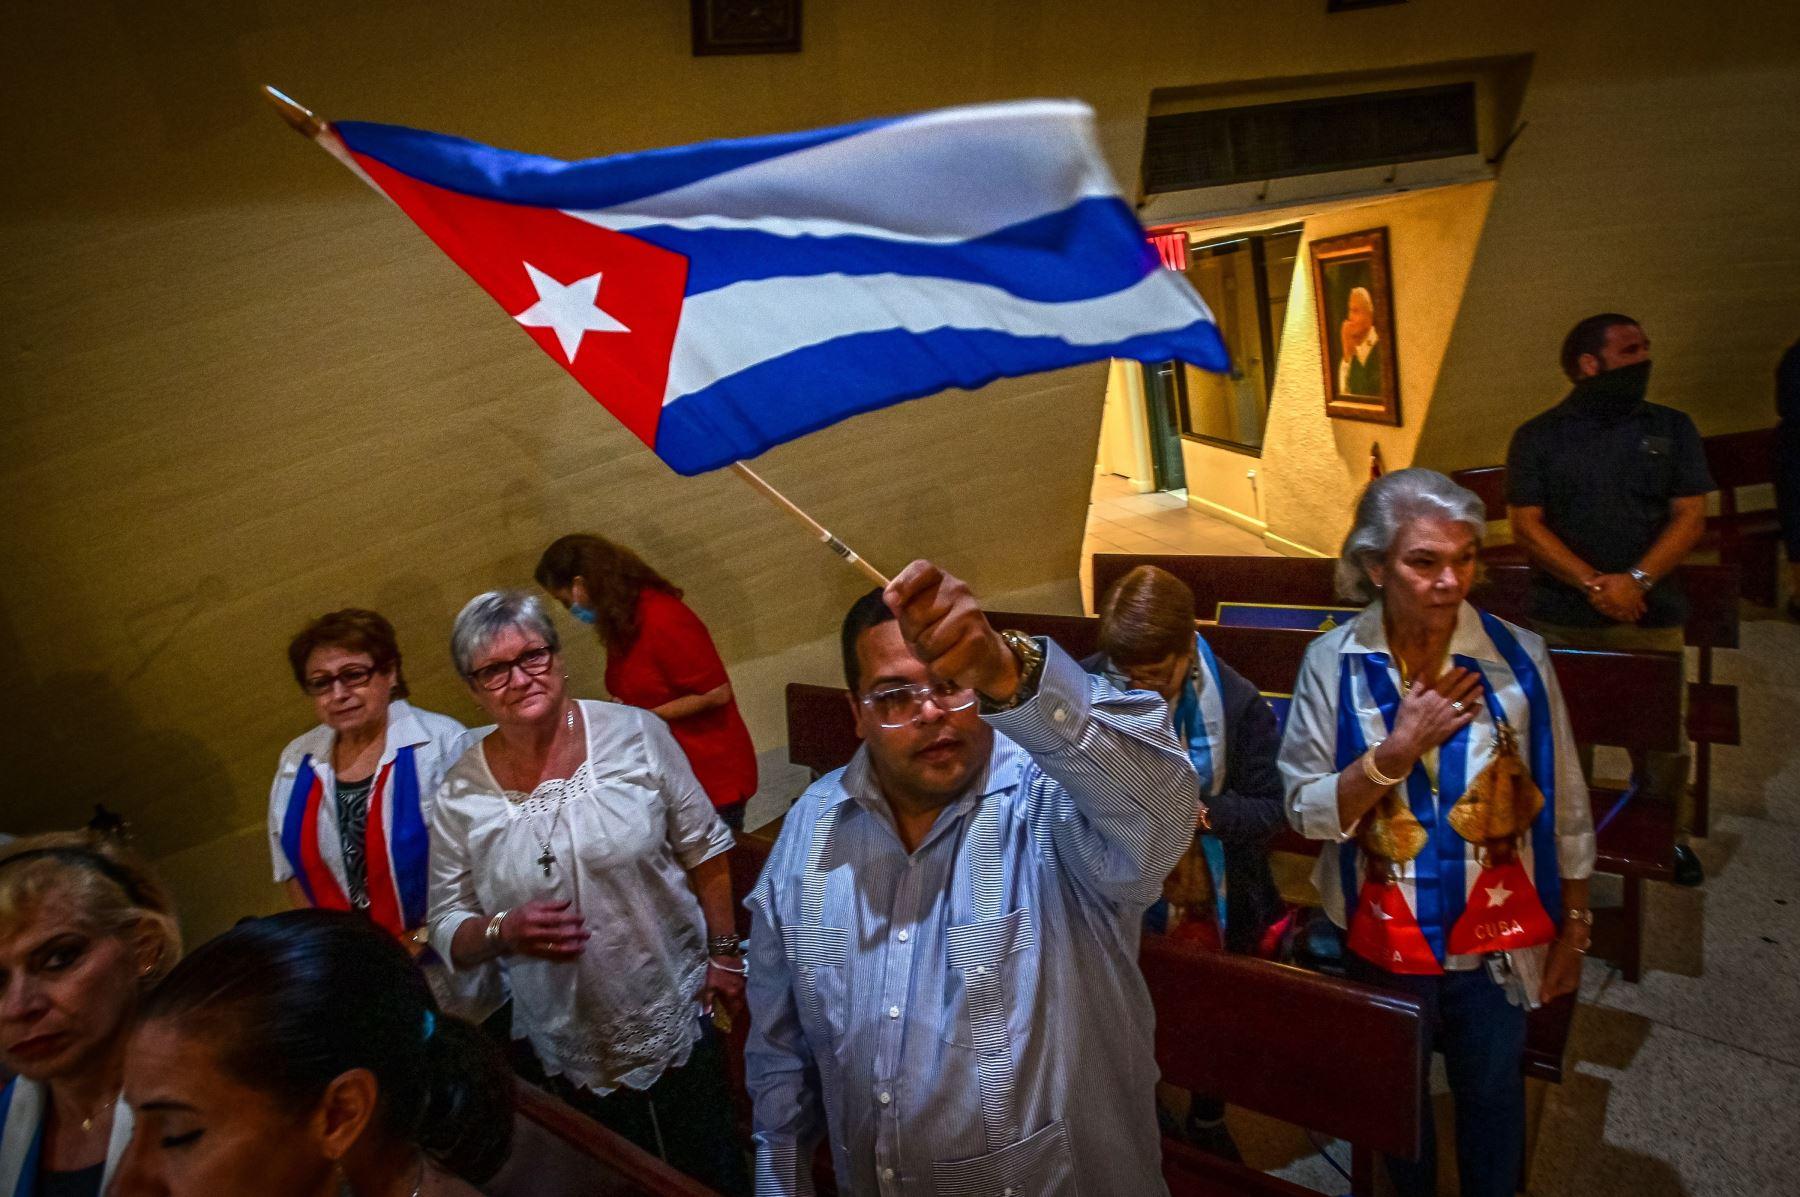 Varias personas rezan durante una misa especial por Cuba ofrecida por el arzobispo de Miami, Thomas Wenski, hoy, en el Santuario Nacional Ermita de la Caridad, en Miami, Florida. Foto: AFP